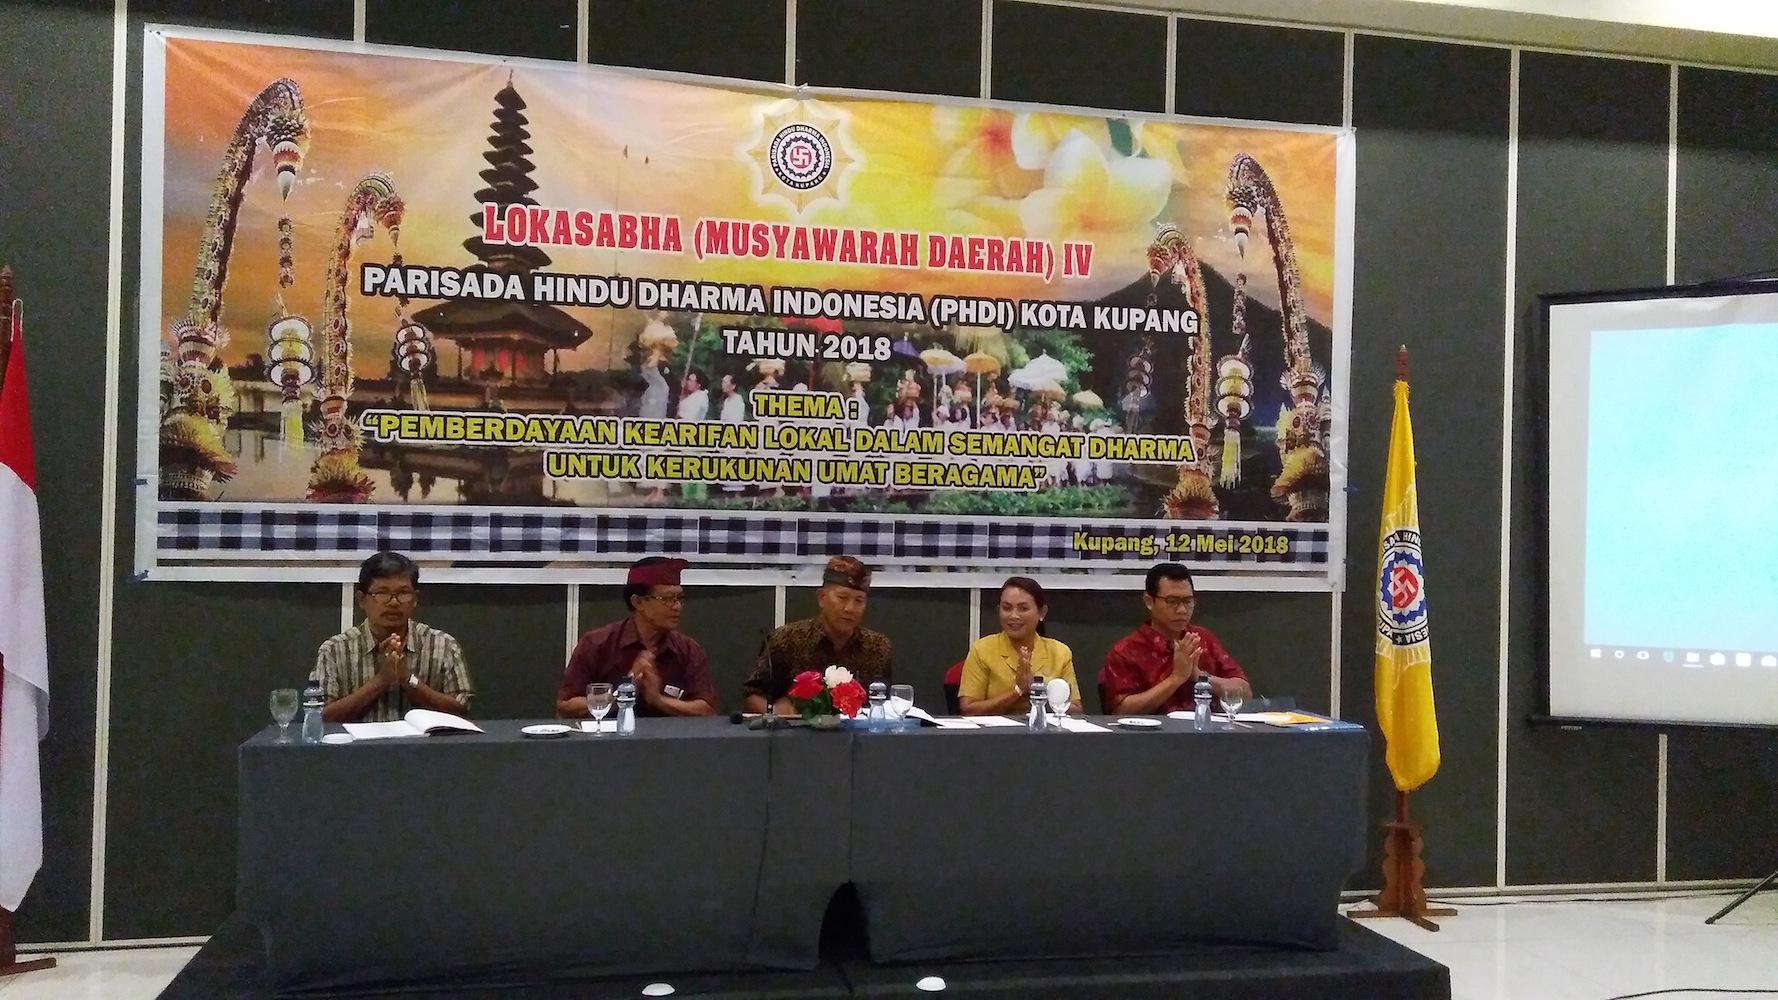 Selamat Datang Hindu Kupang Ntt Berita Kegiatan Lokasabha Phdi Kota3